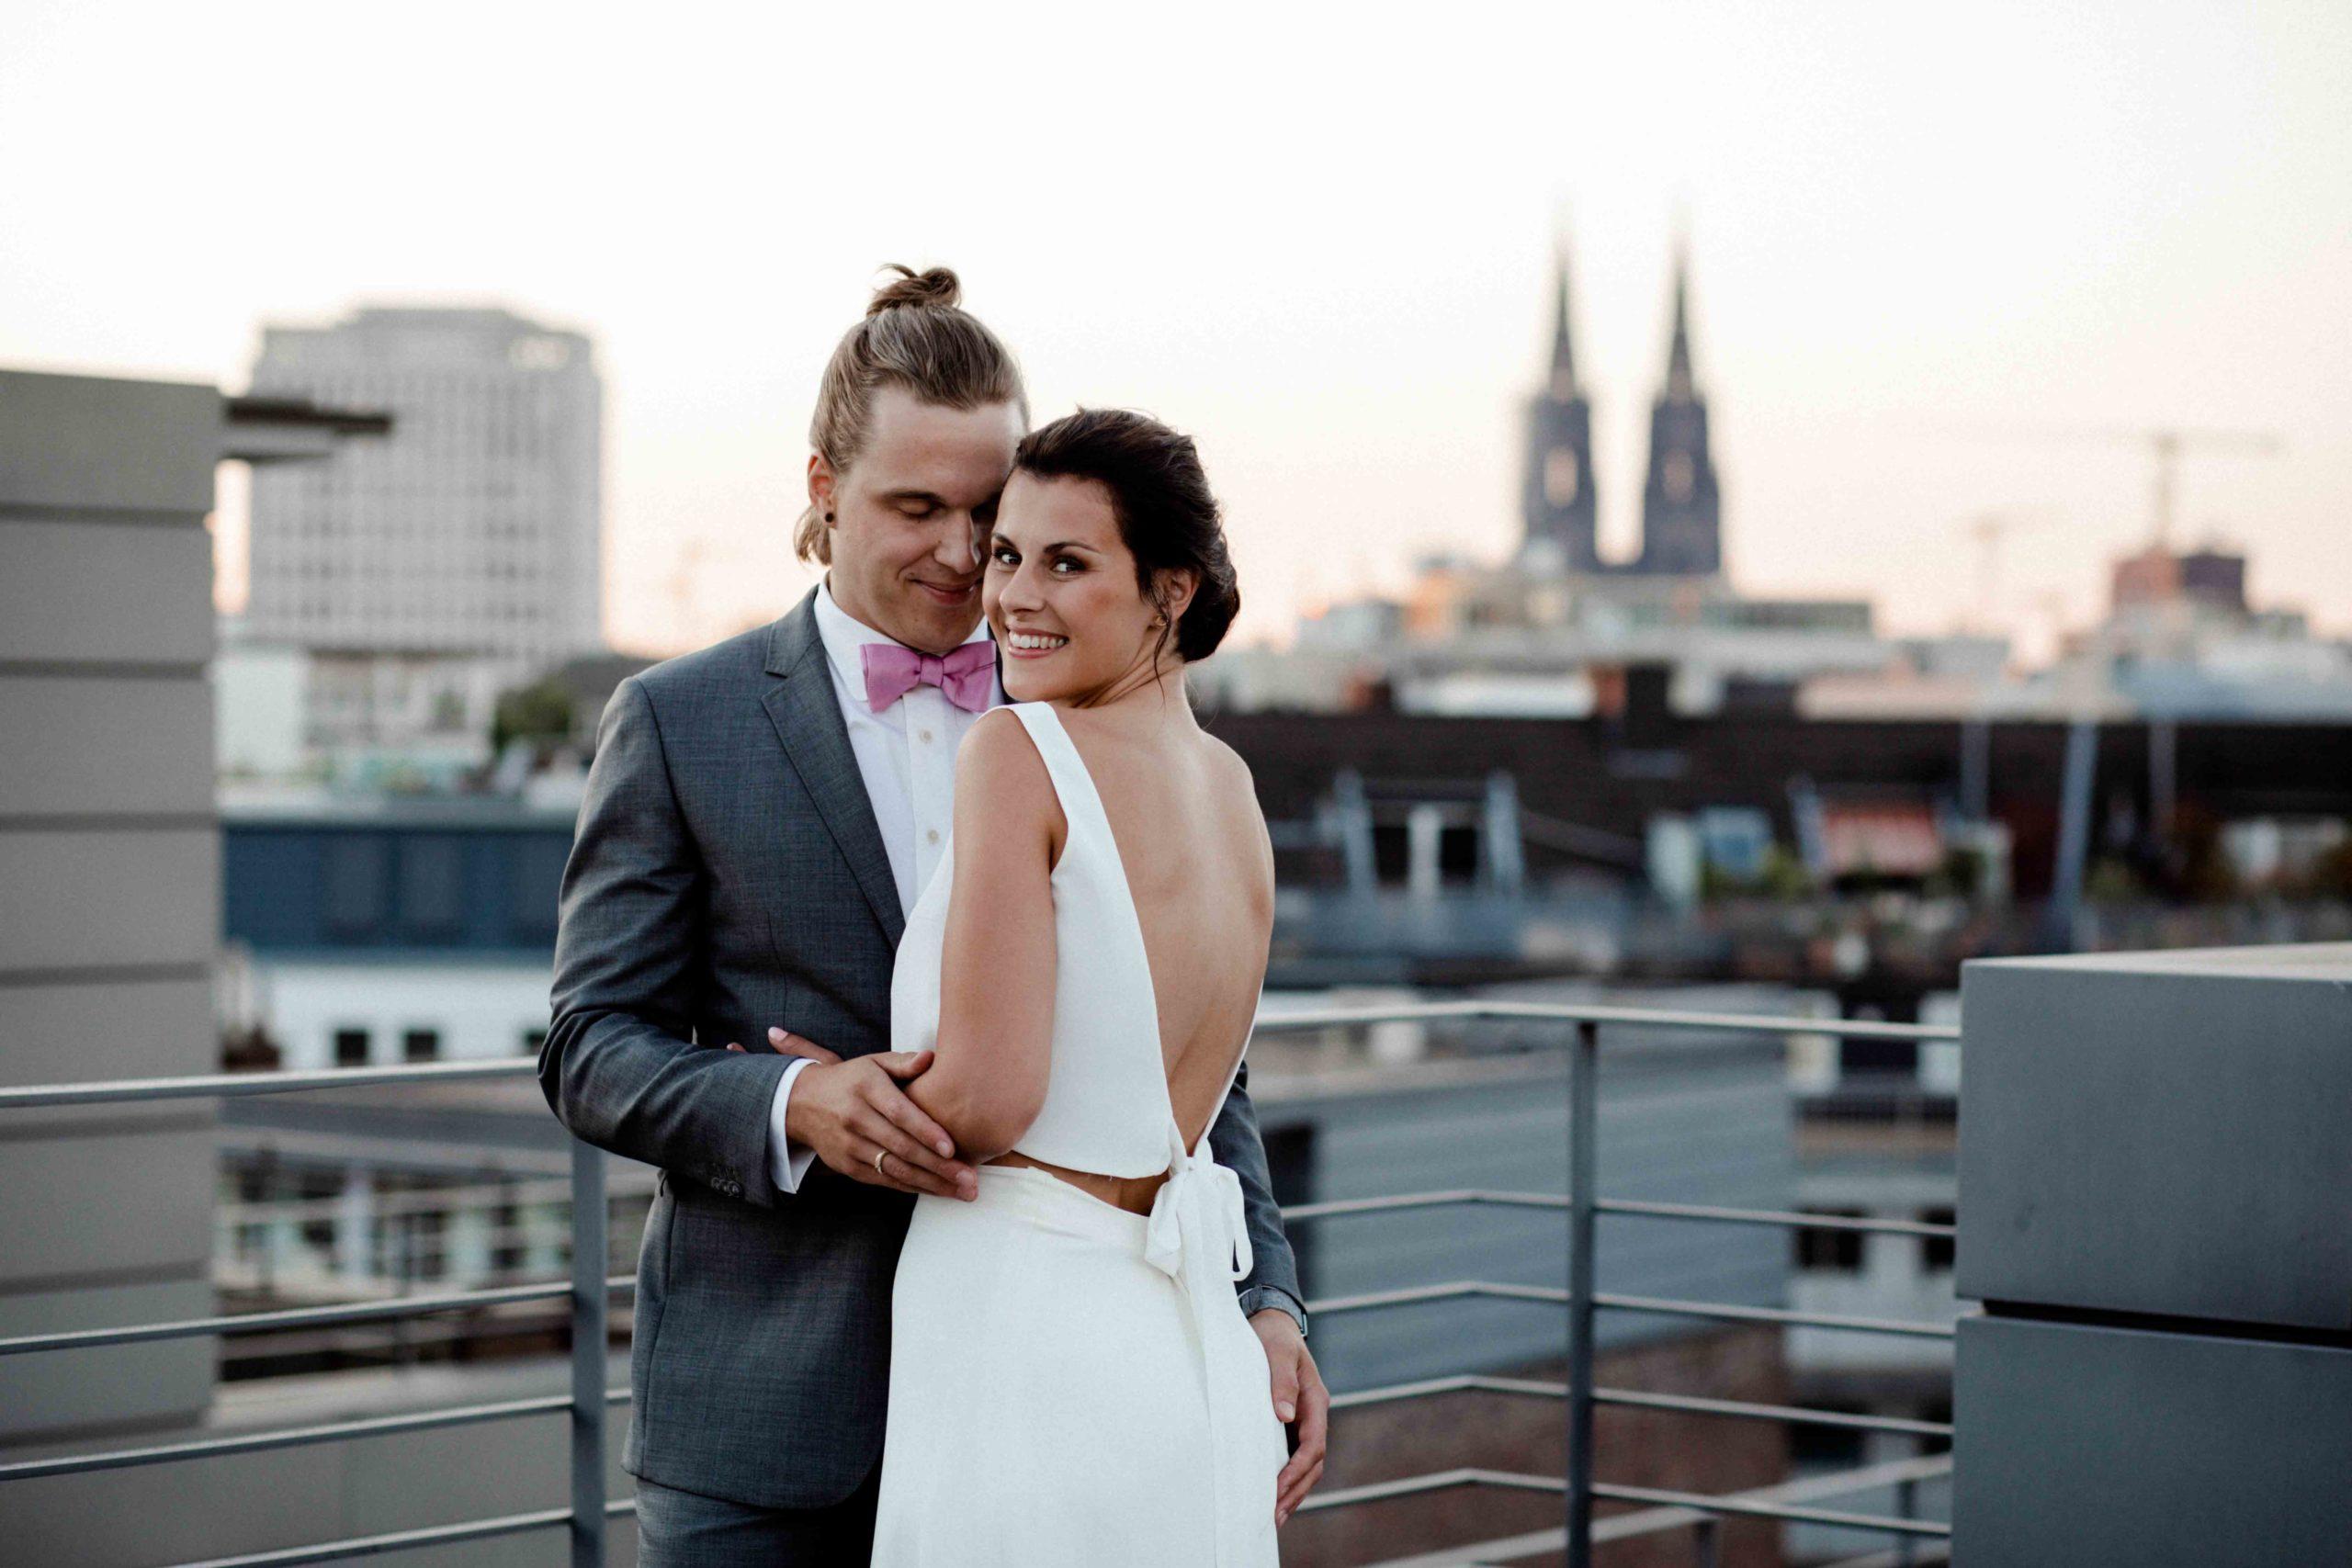 Styled Shoot Brautmode, Hochzeitspaar umarmend und lachend, Braut zur Kamera gewandt mit rückenfreiem Brautkleid in Weiß, Hochhäuser und Kölner Dom im Hintergrund